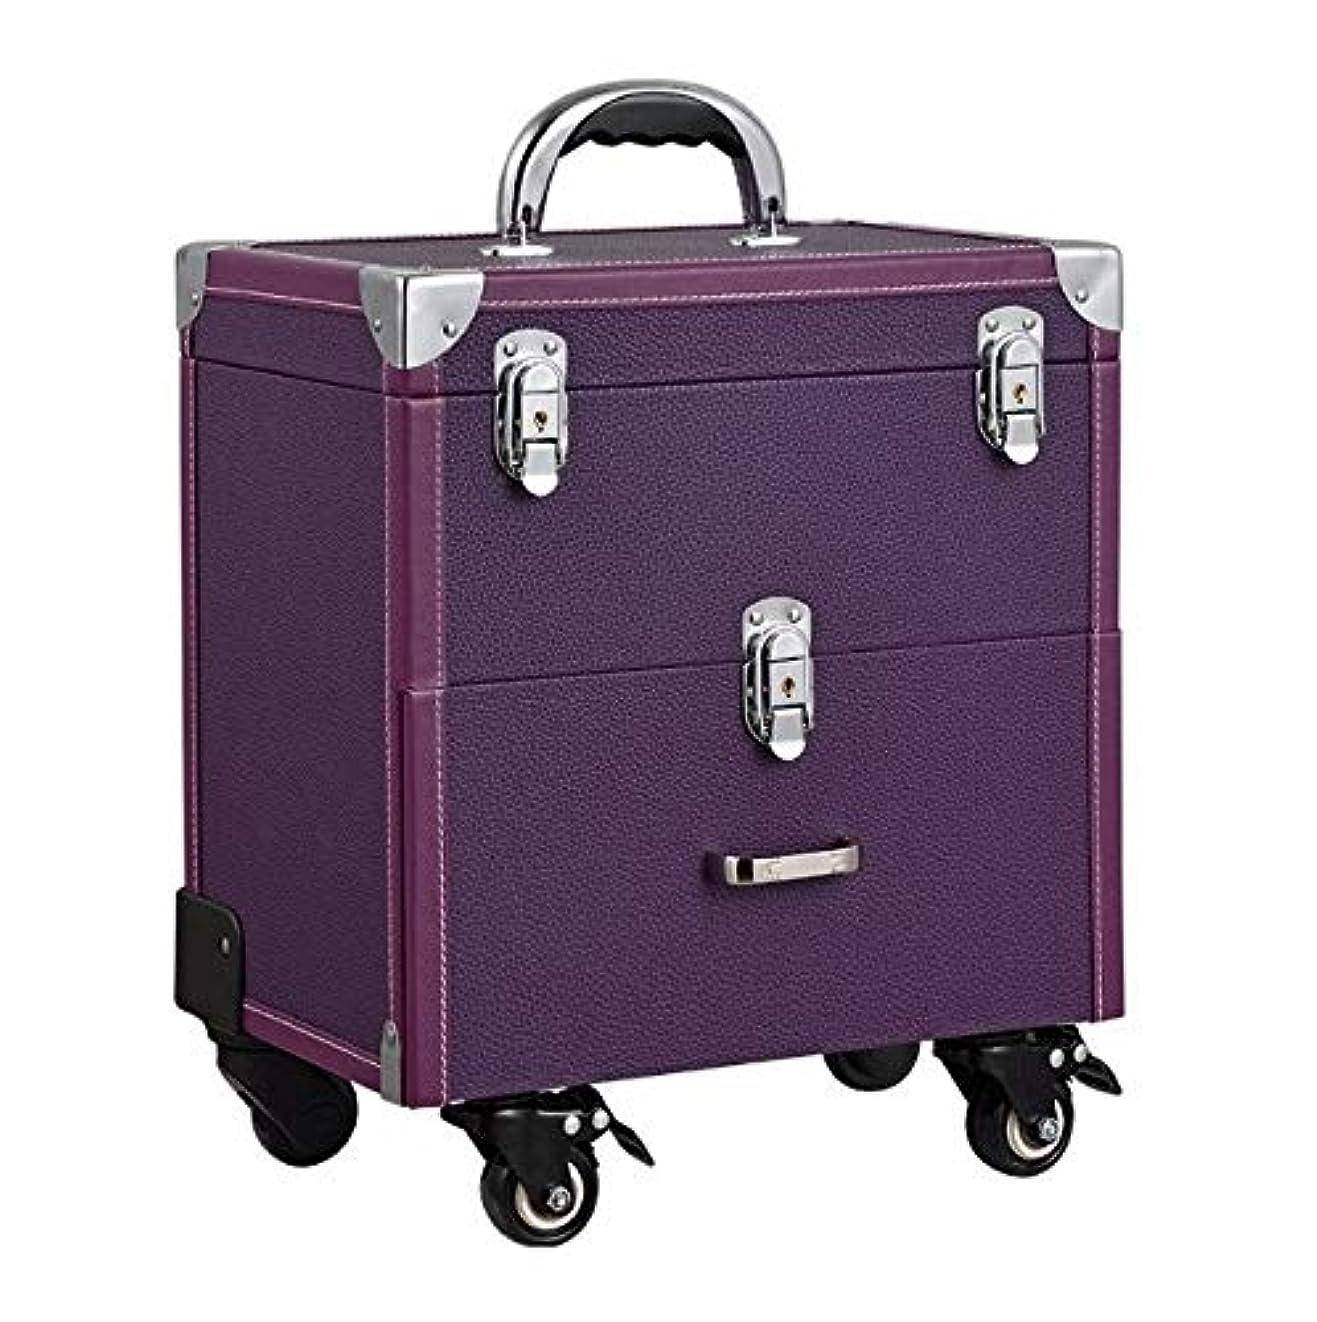 品ペチュランス品種化粧箱、大容量ダブルポール化粧品ケース、ポータブル旅行化粧品袋収納袋、美容化粧ネイルジュエリー収納ボックス (Color : Purple)